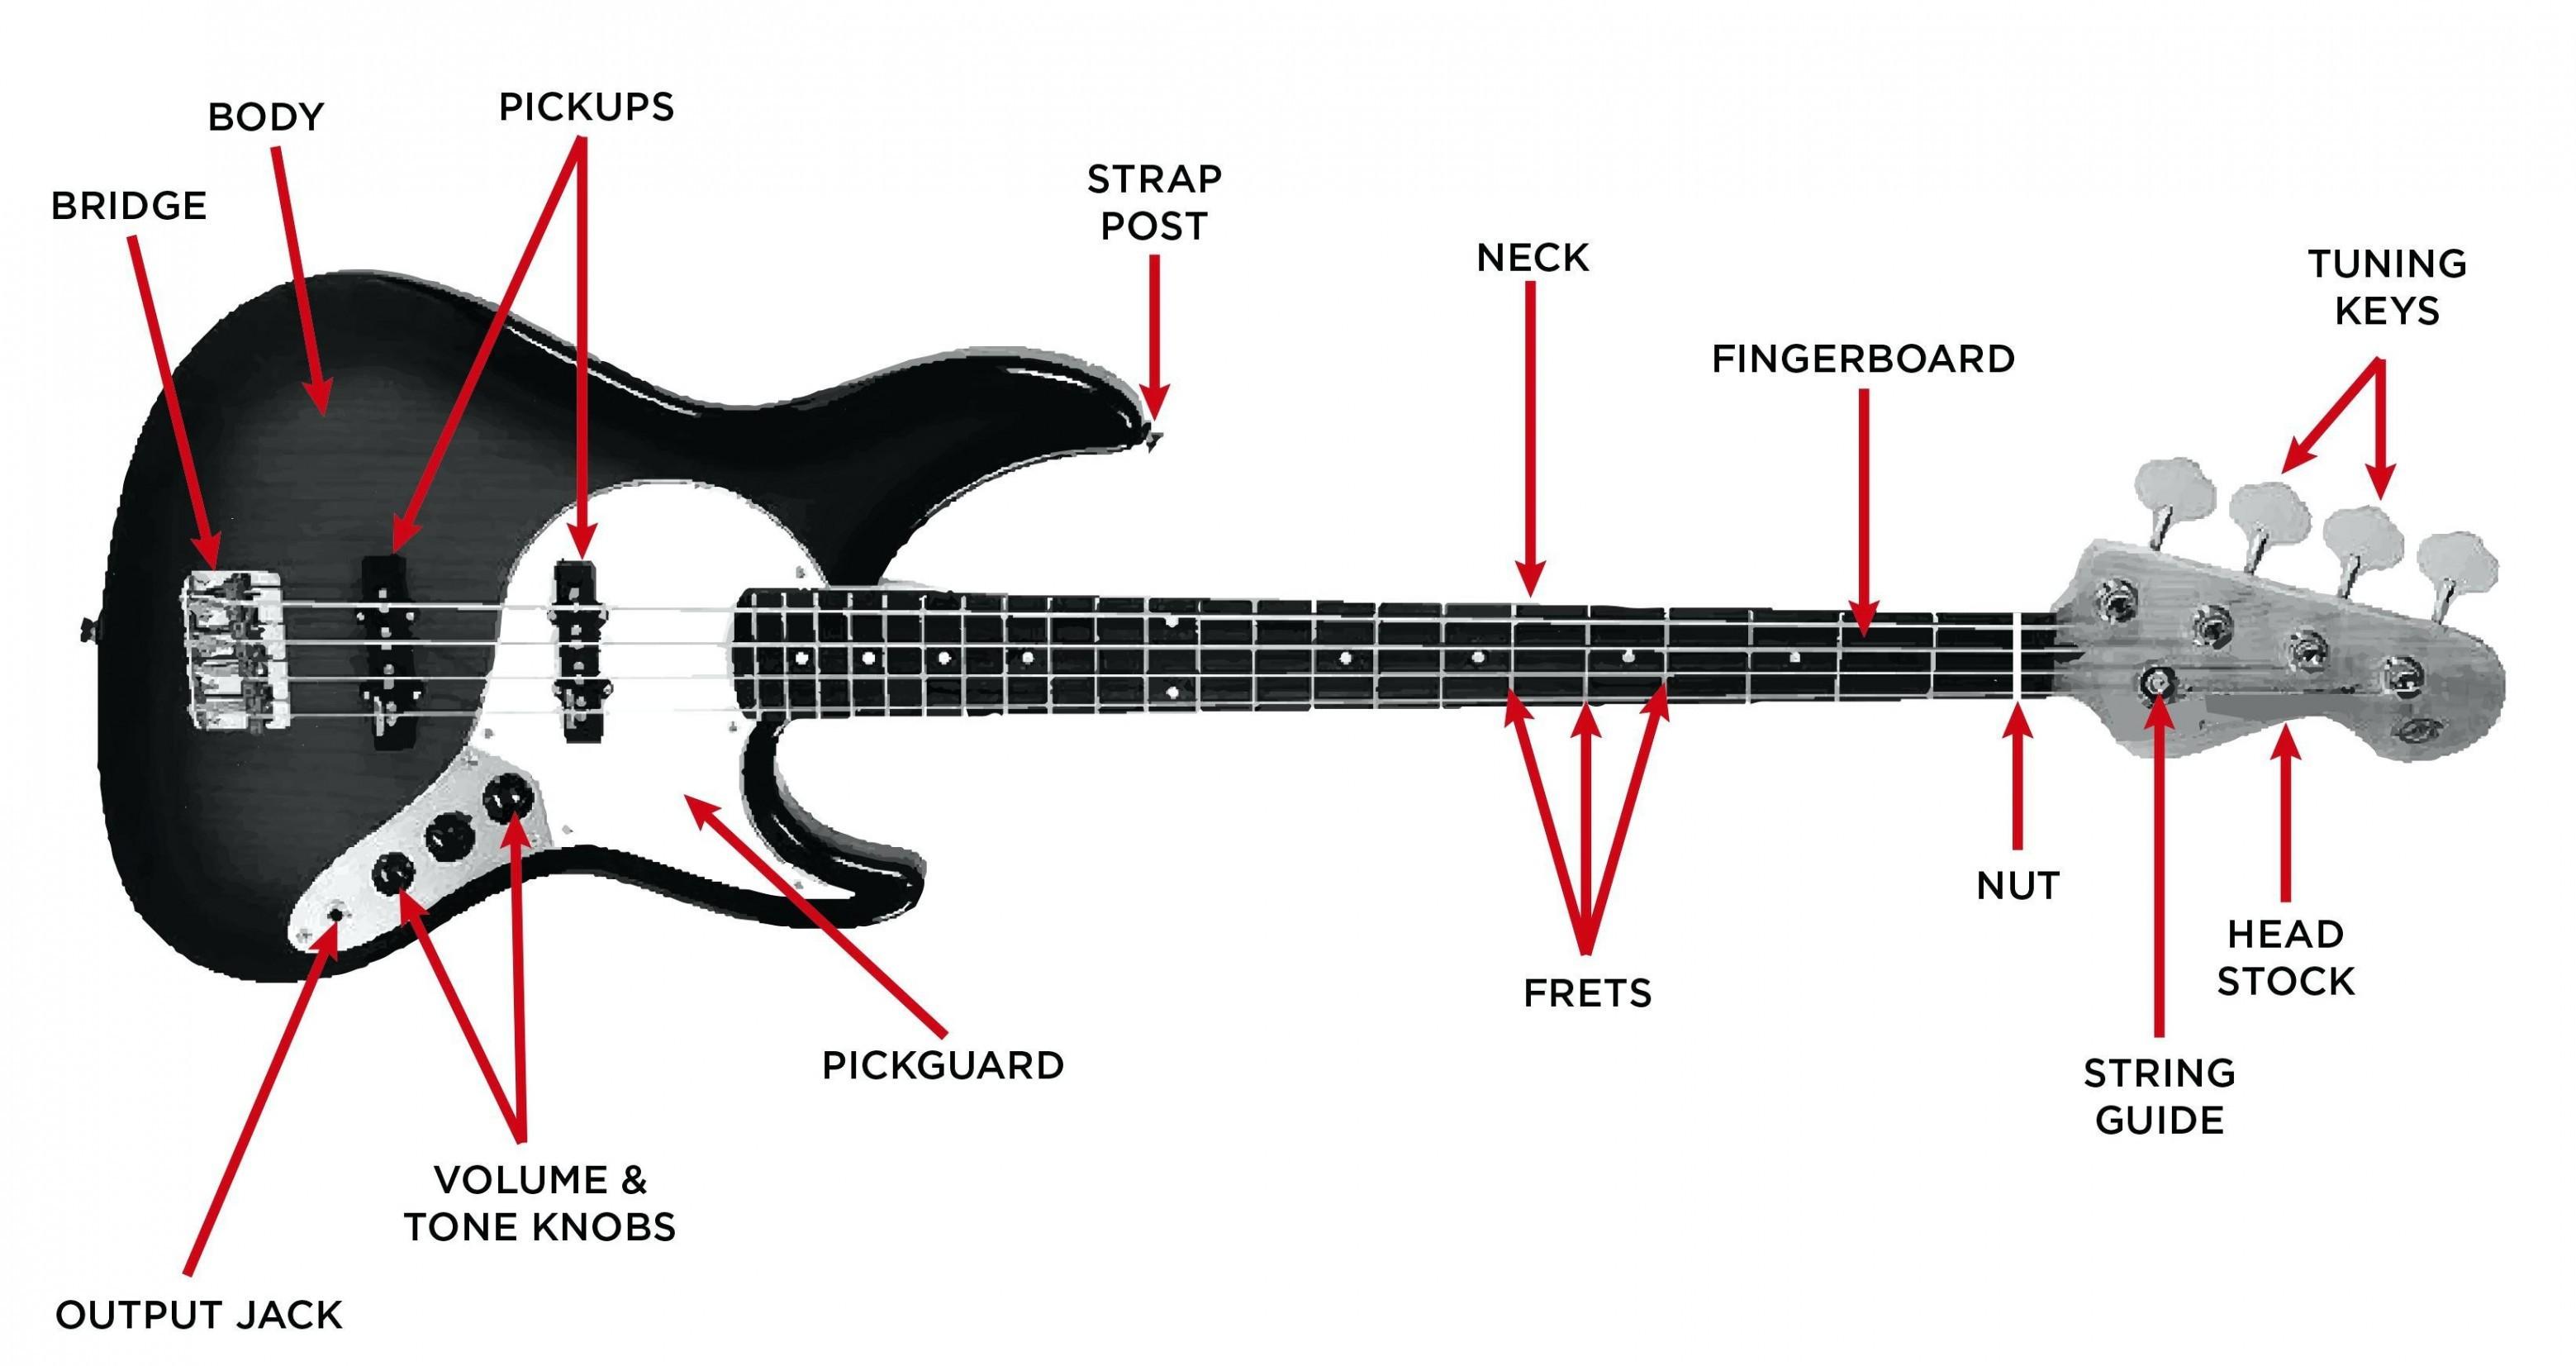 [SCHEMATICS_48IU]  LZ_7032] Stratocaster Wiring Harness Furthermore Fender Jazz Bass Pickup  Wiring Free Diagram | Fender Jazz Bass 24 Wiring Diagram |  | Kweca Venet Mohammedshrine Librar Wiring 101